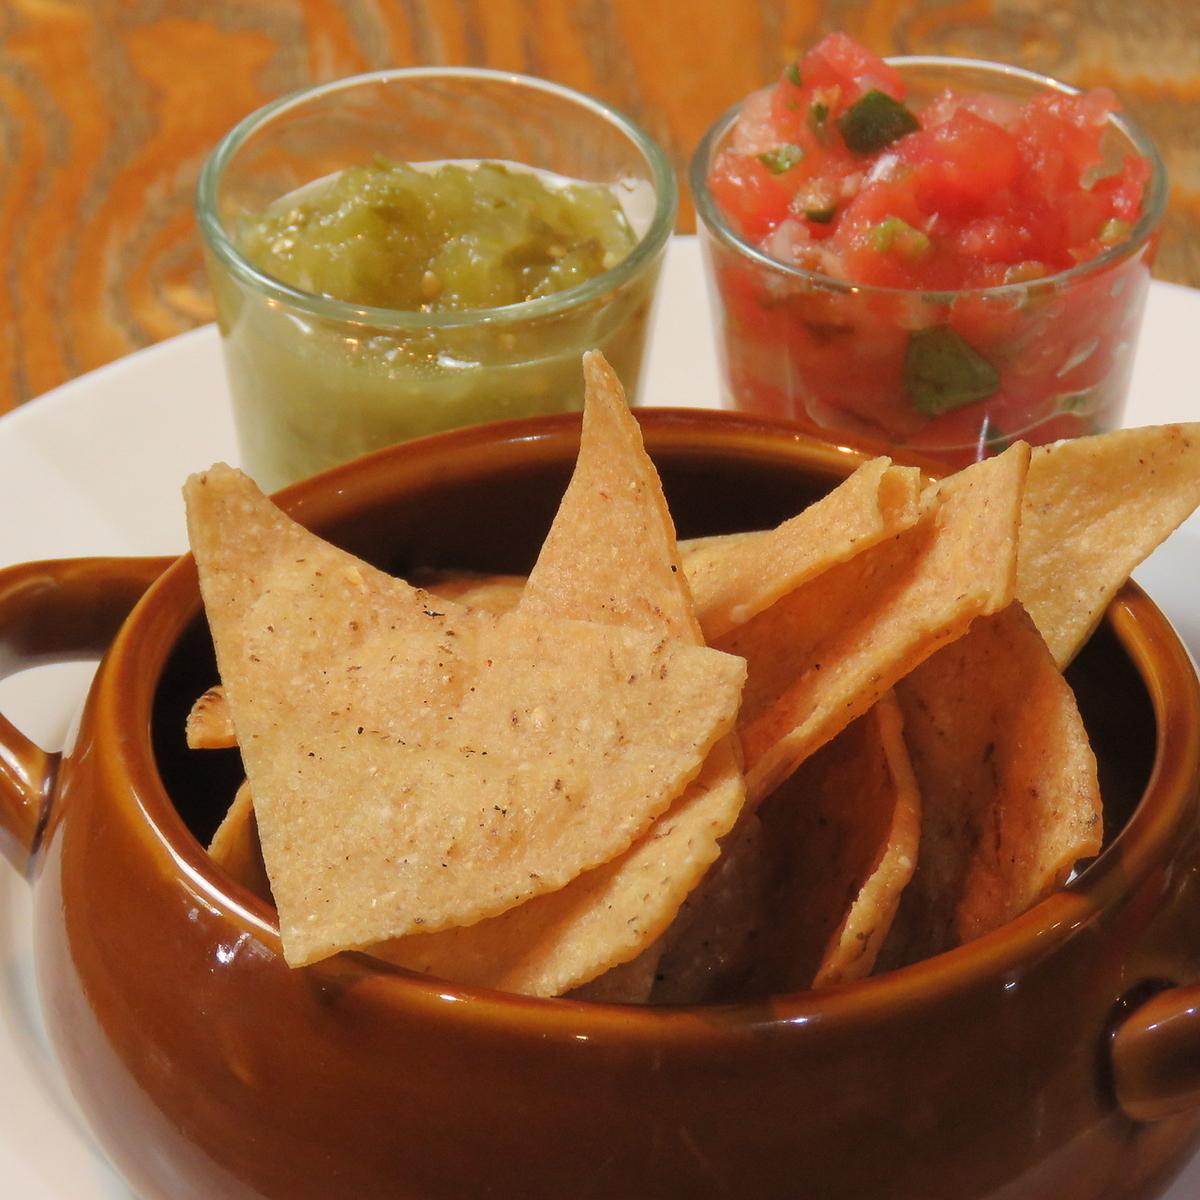 墨西哥玉米片(莎莎酱/芥末酱)